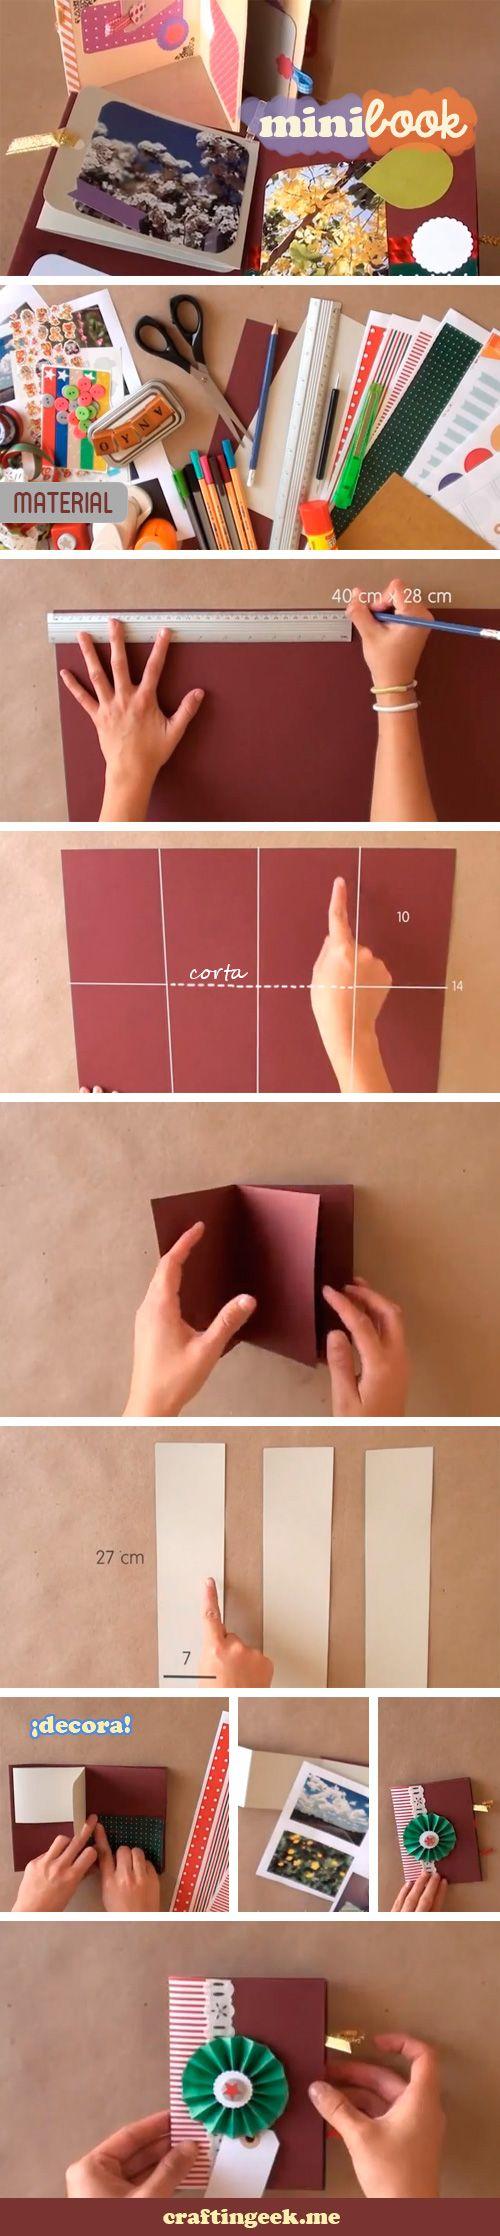 Minibook Scrapbook. Cómo hacer este lindo scrapbook sin morir en el intento http://owl.li/oKfAg